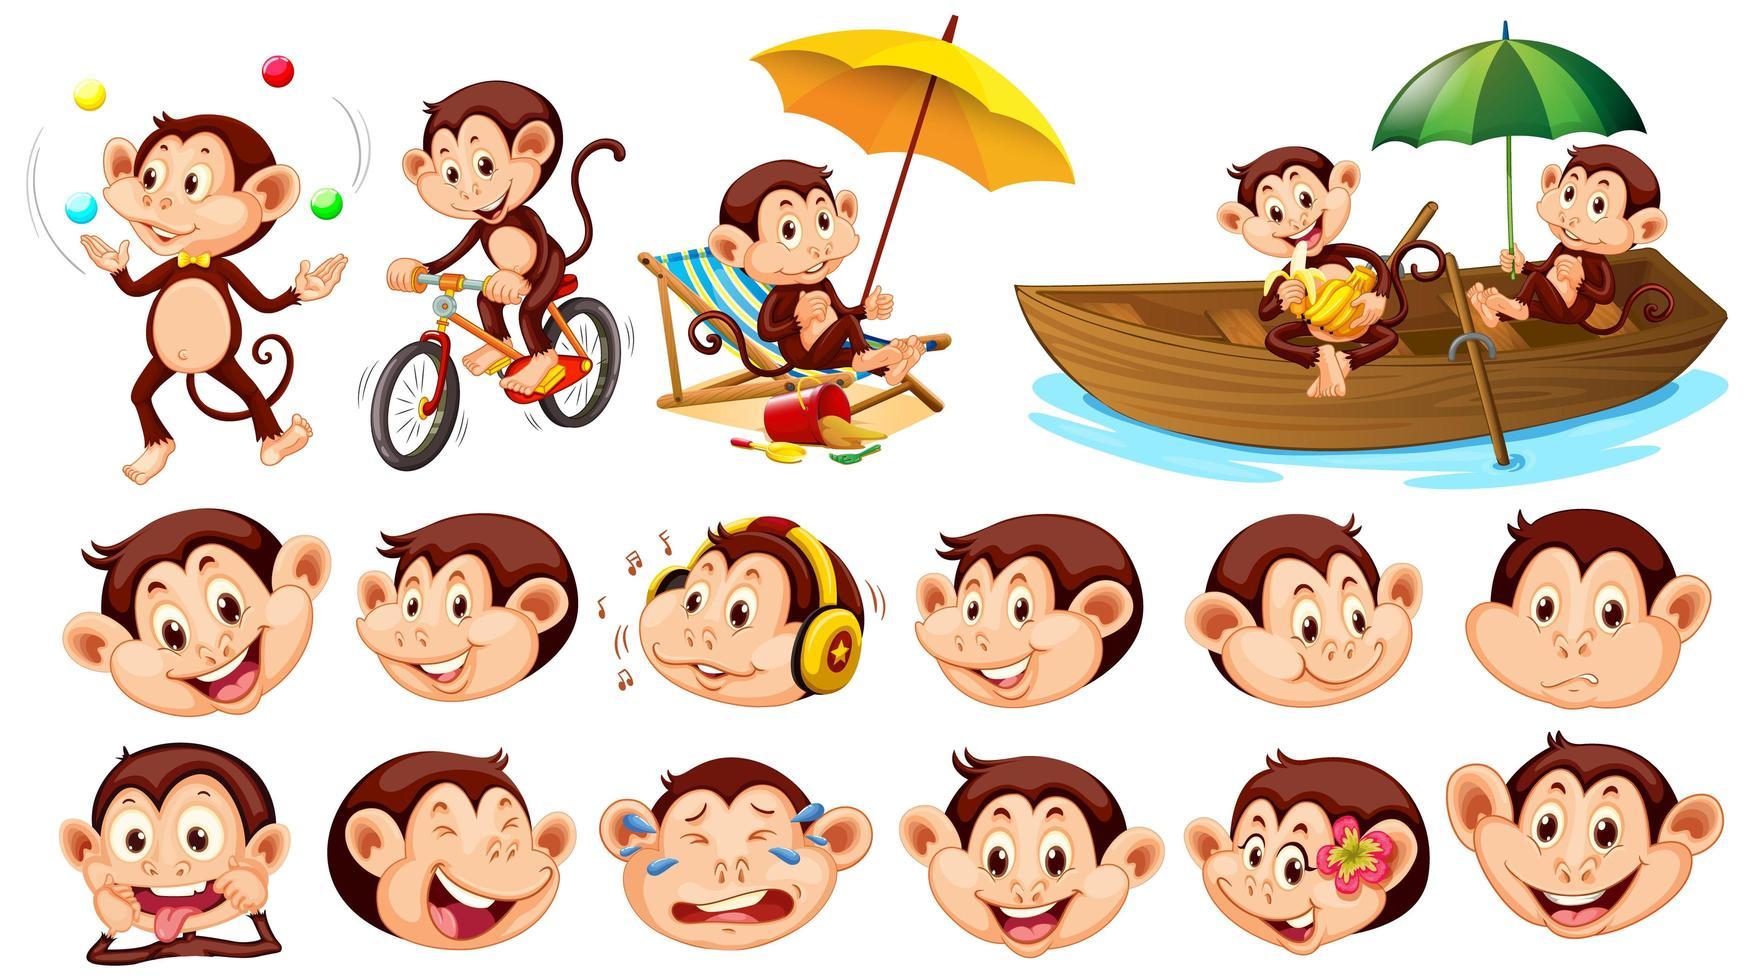 conjunto de monos con diferentes expresiones faciales aisladas vector